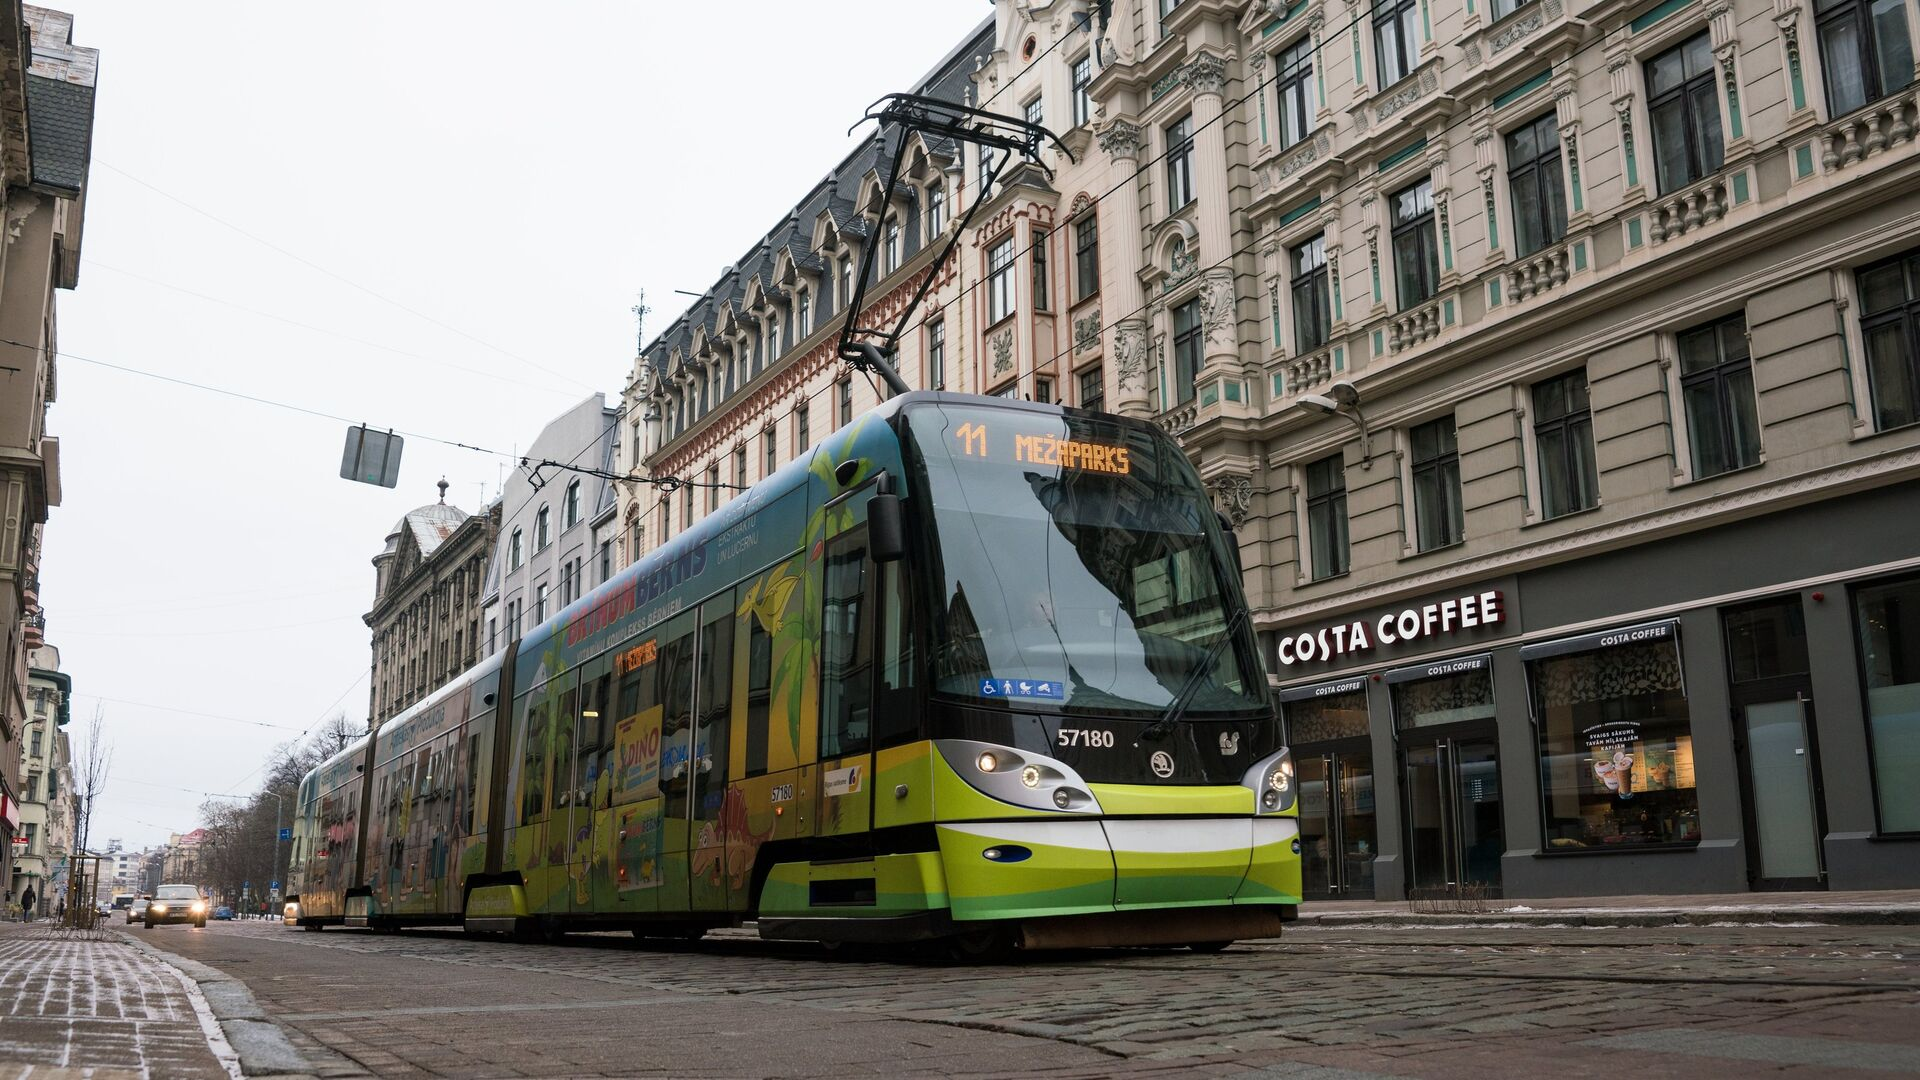 Трамвай на улице Кришьяня Барона в Риге - Sputnik Латвия, 1920, 27.09.2021